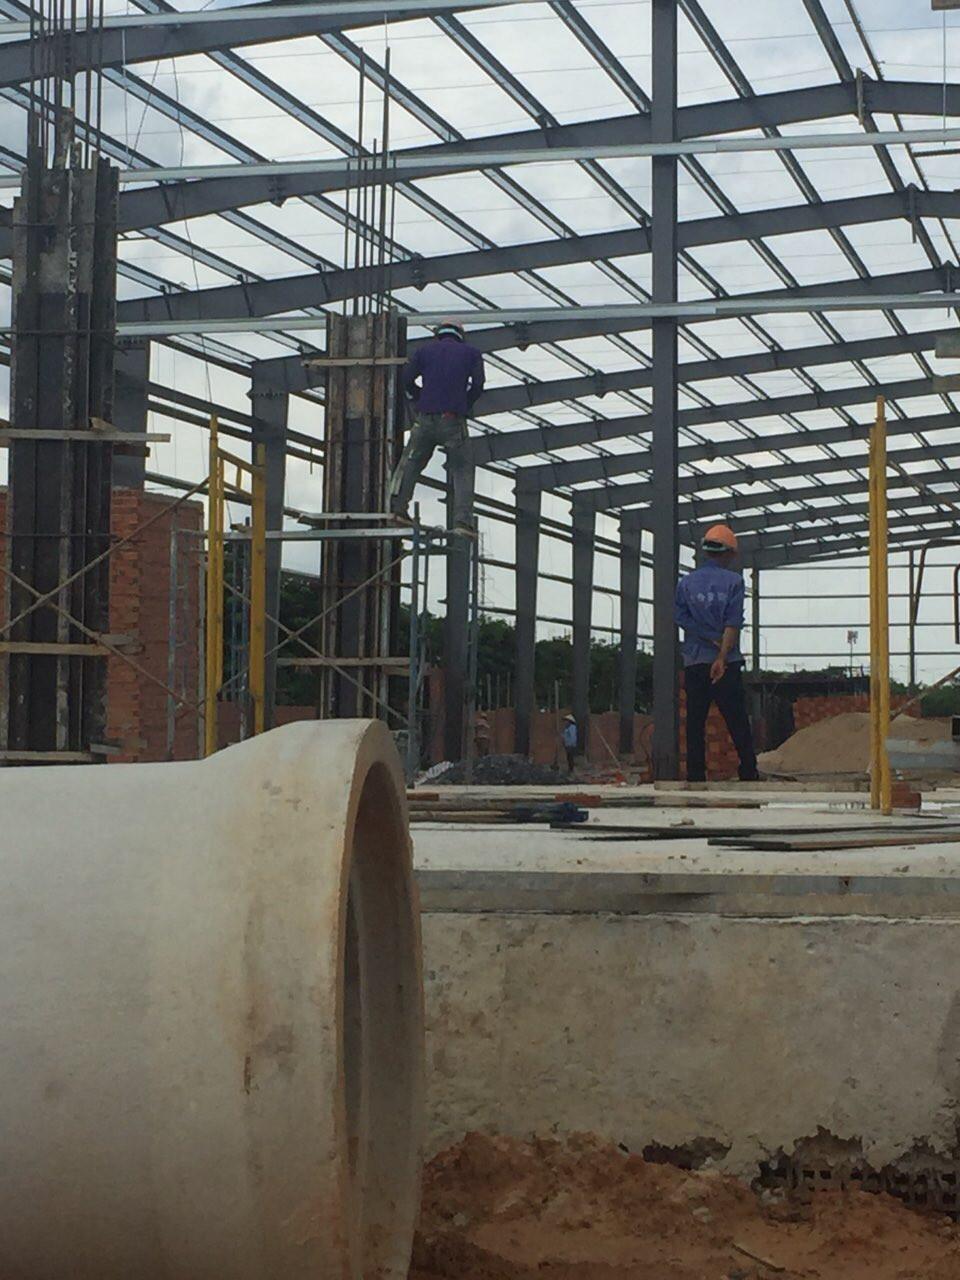 ông ty Nicon là tổng thầu thiết kế - thi công xây dựng nhà máy in Amiba - Poma 2